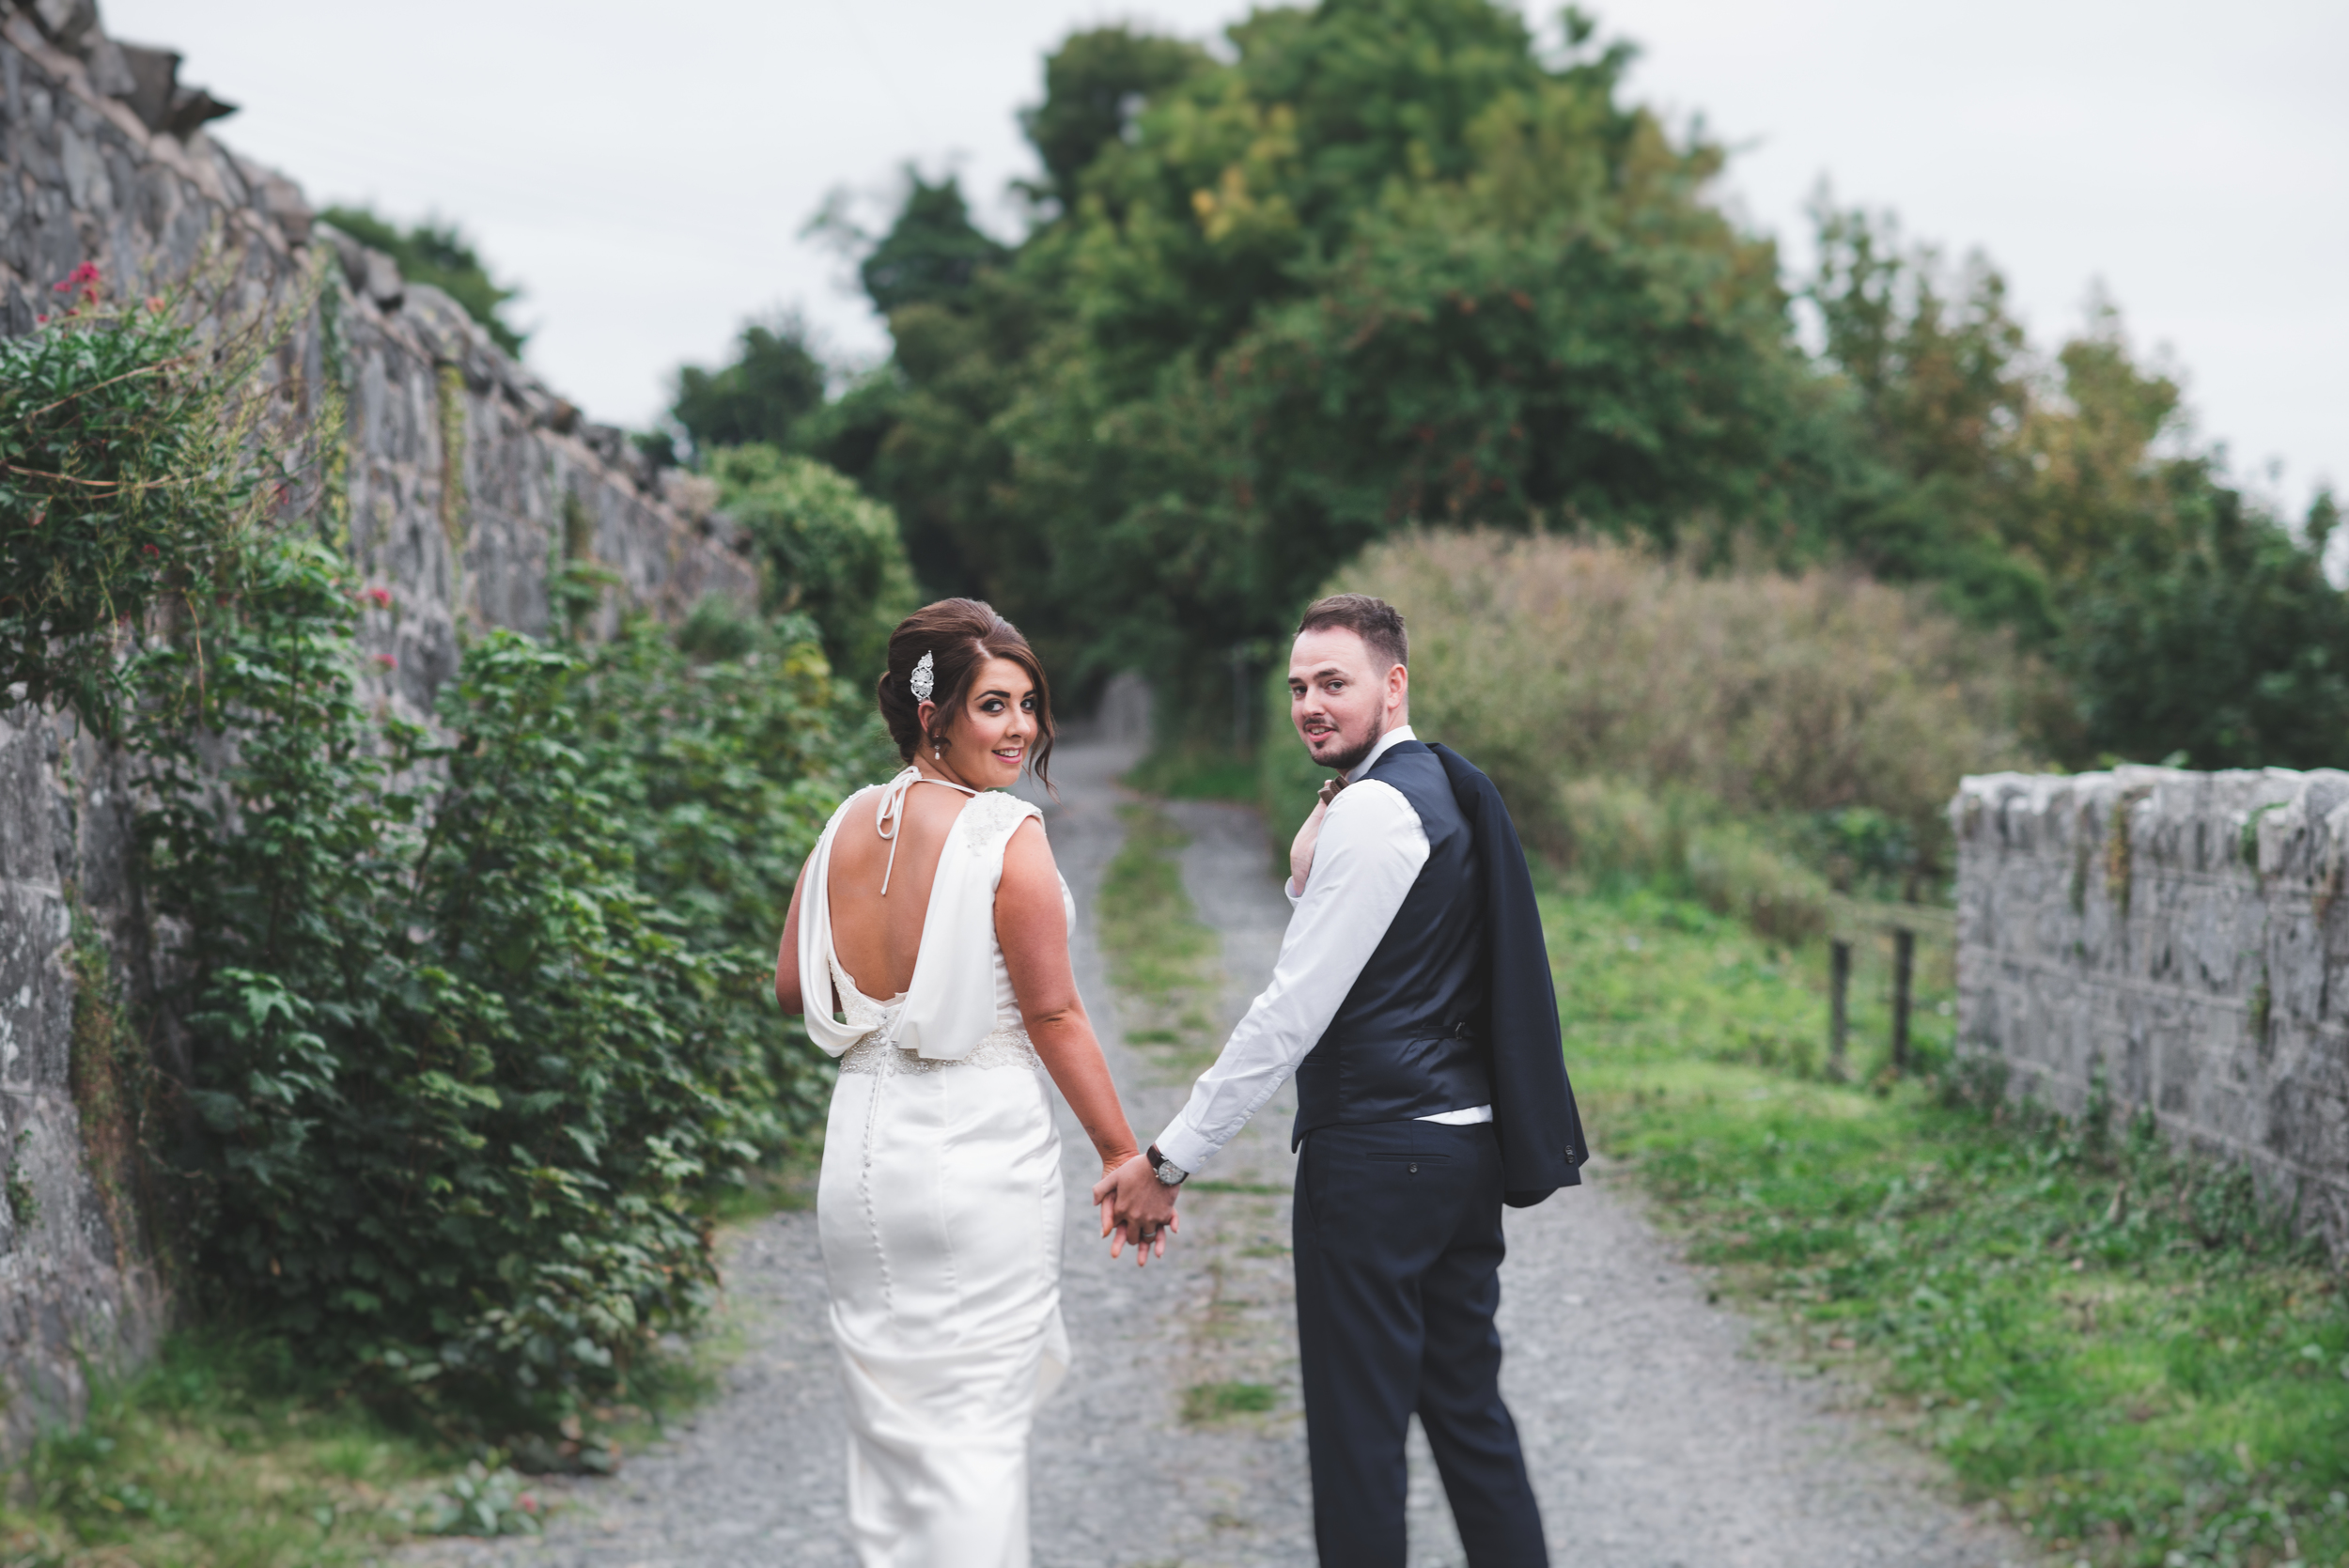 Northern_Ireland_Wedding_Photographer_Purephotoni_Weavers_Lodge_Walking